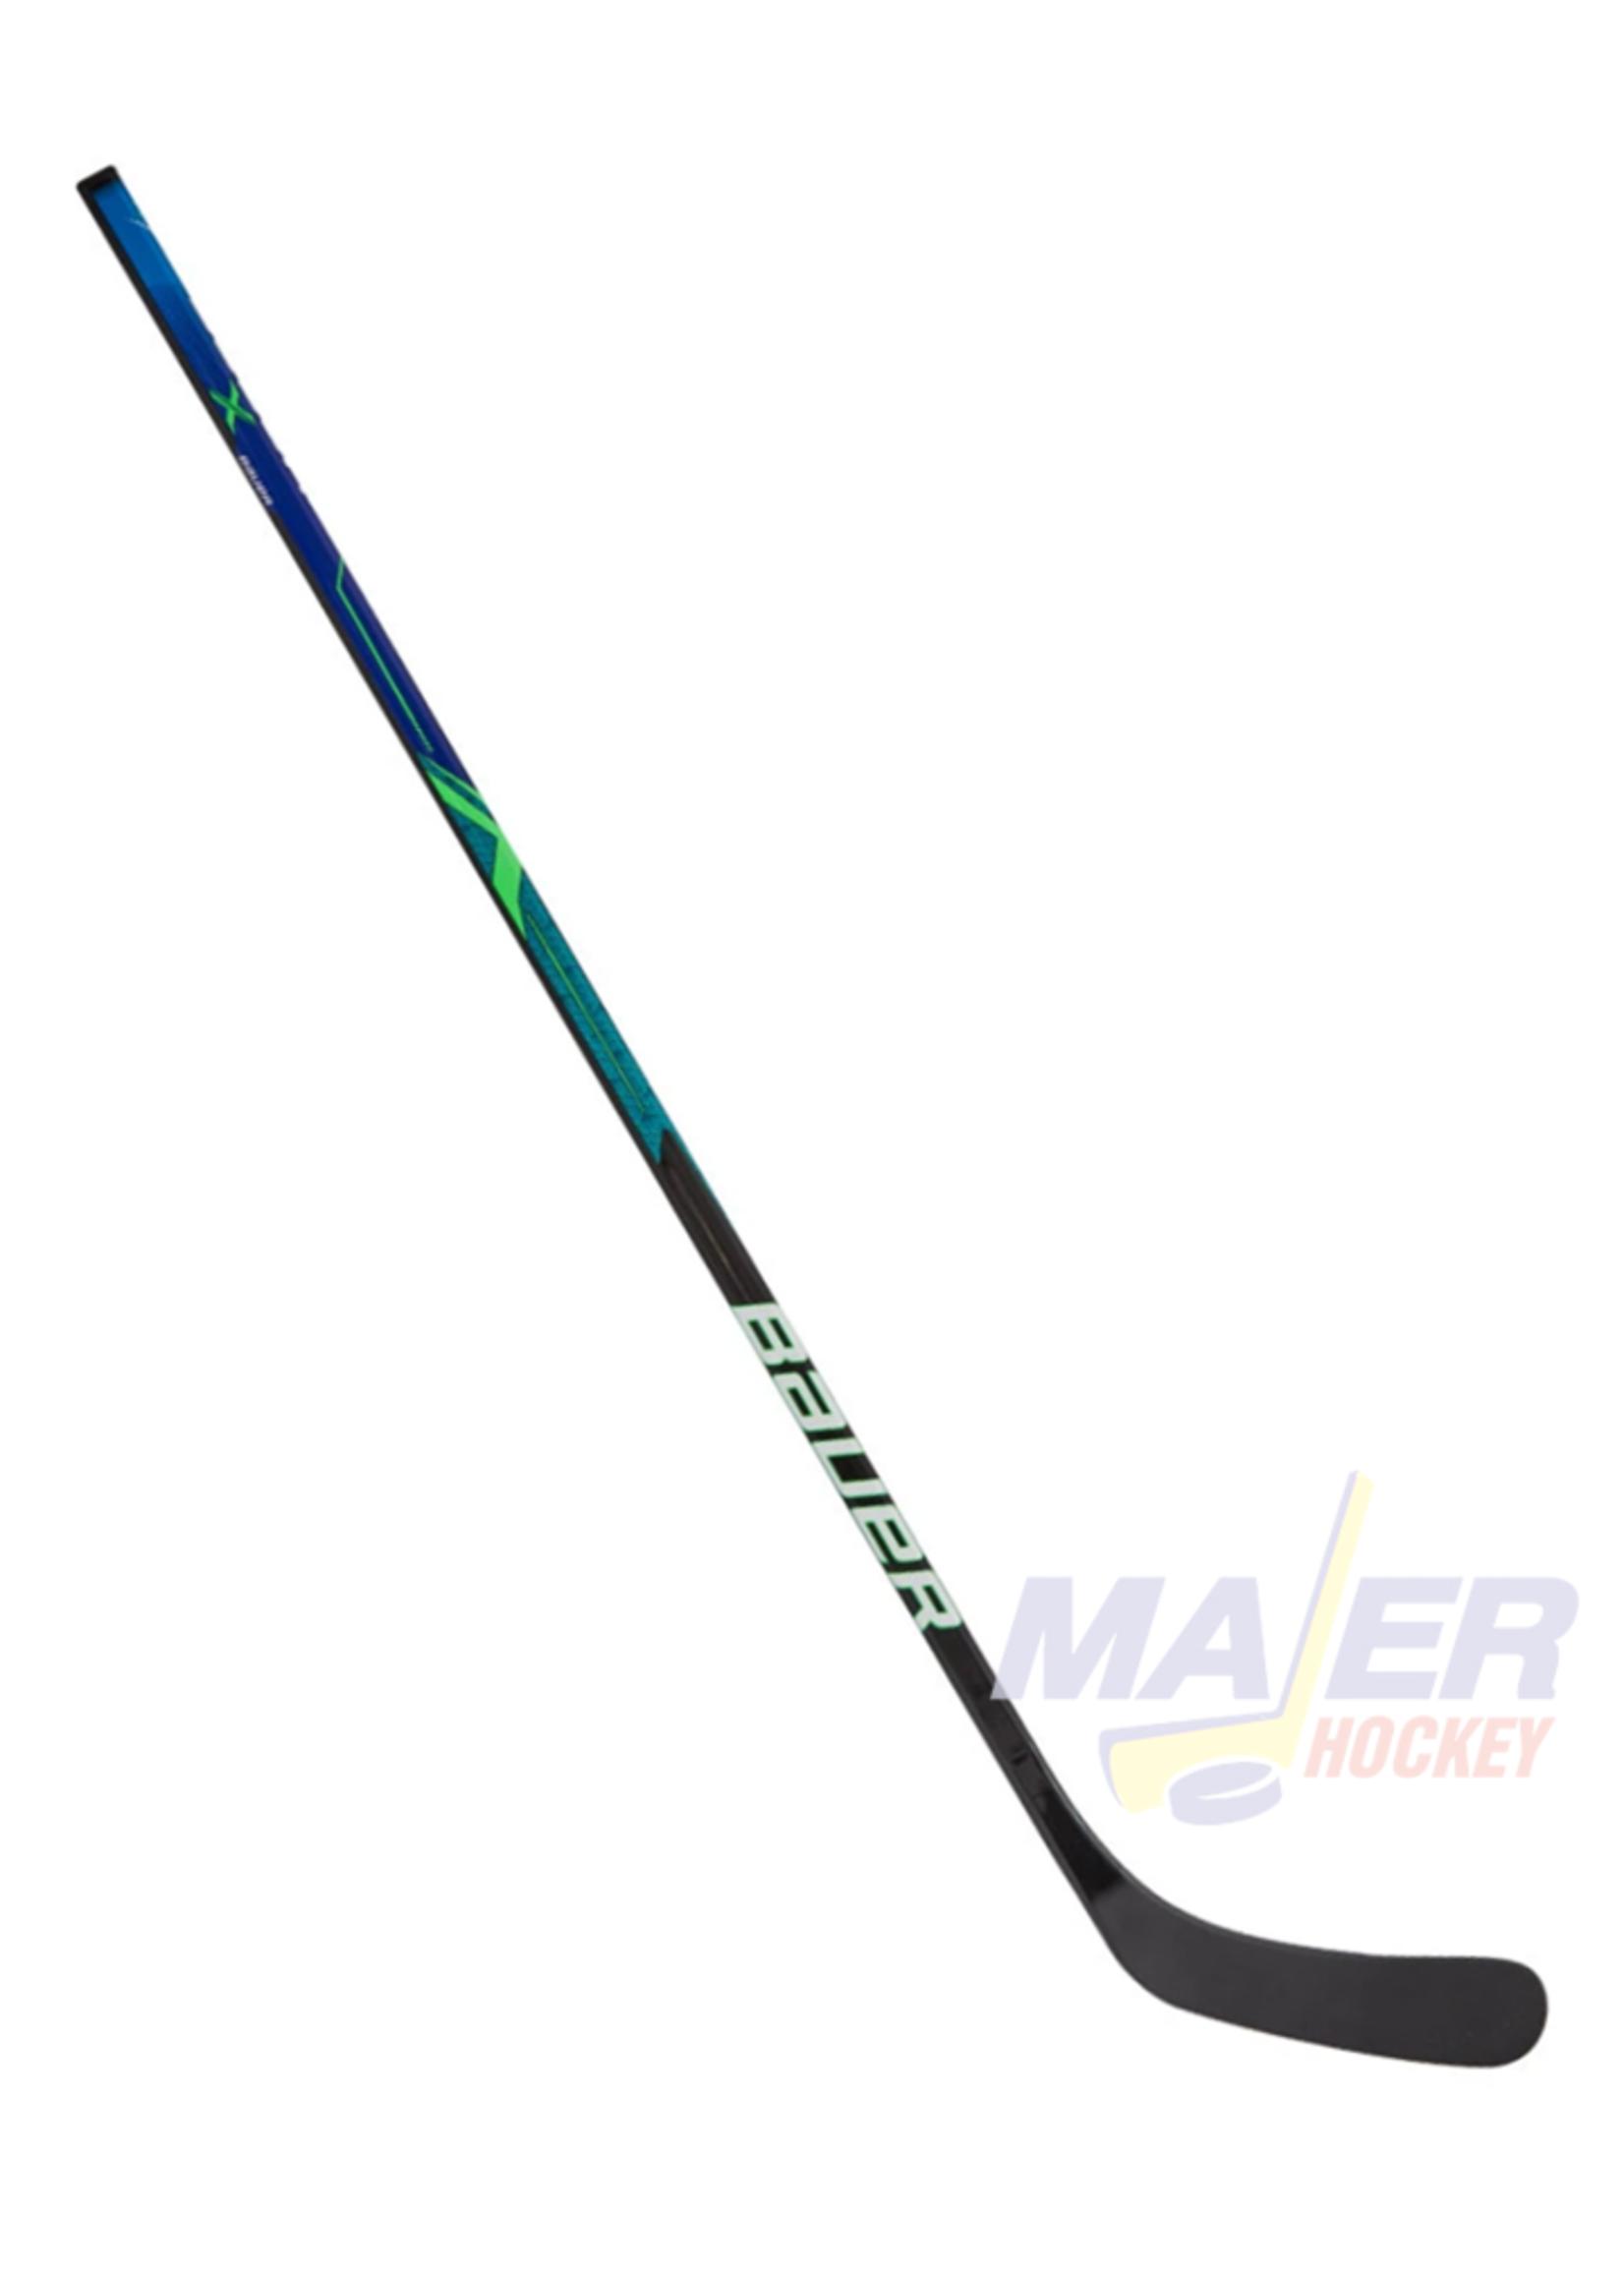 Bauer X Int Stick